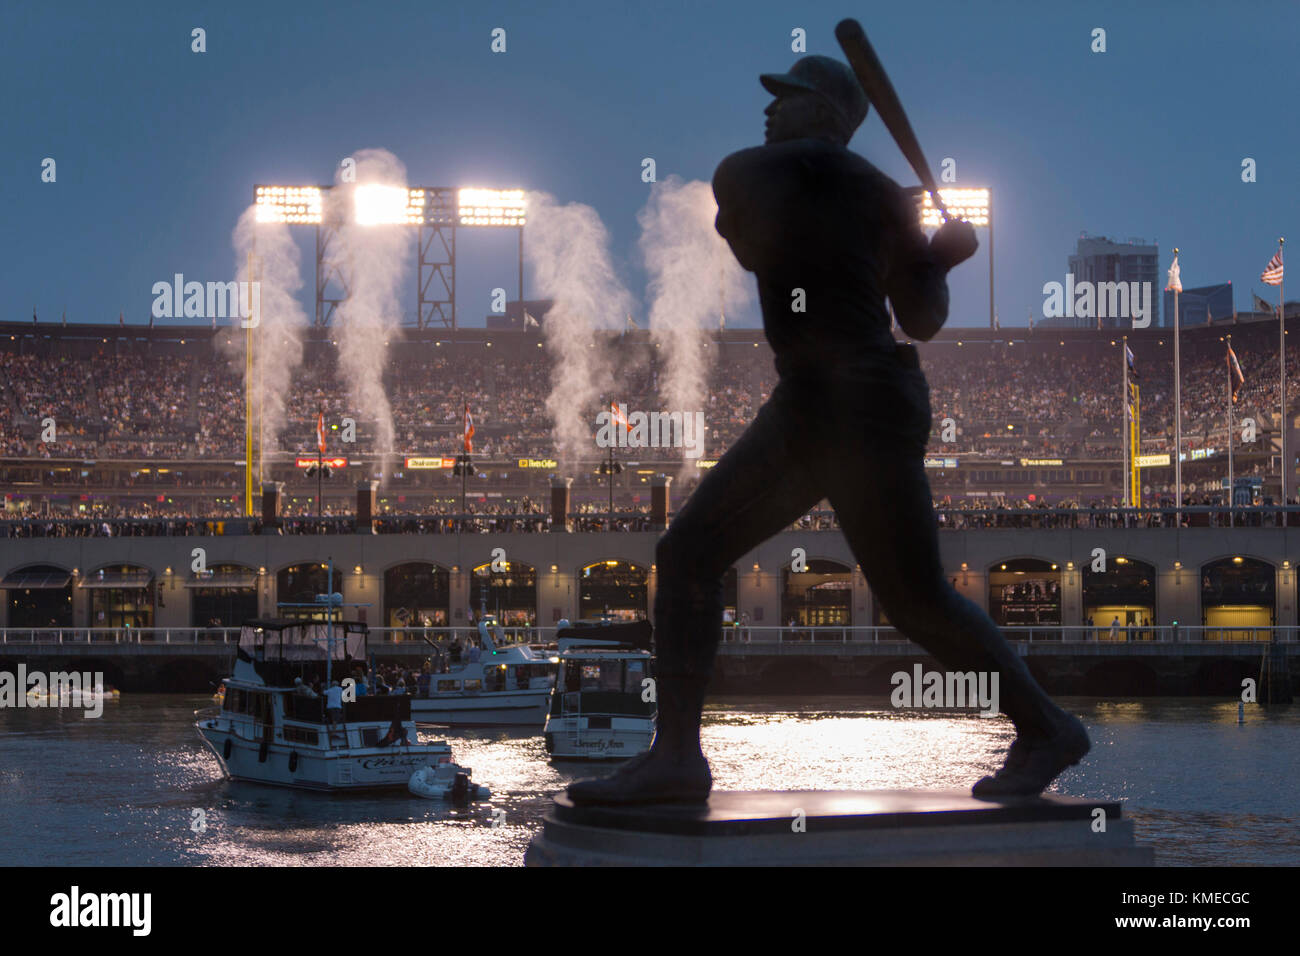 ATT Ballpark, home of San Francisco Giants baseball team, San Francisco, California, USA - Stock Image